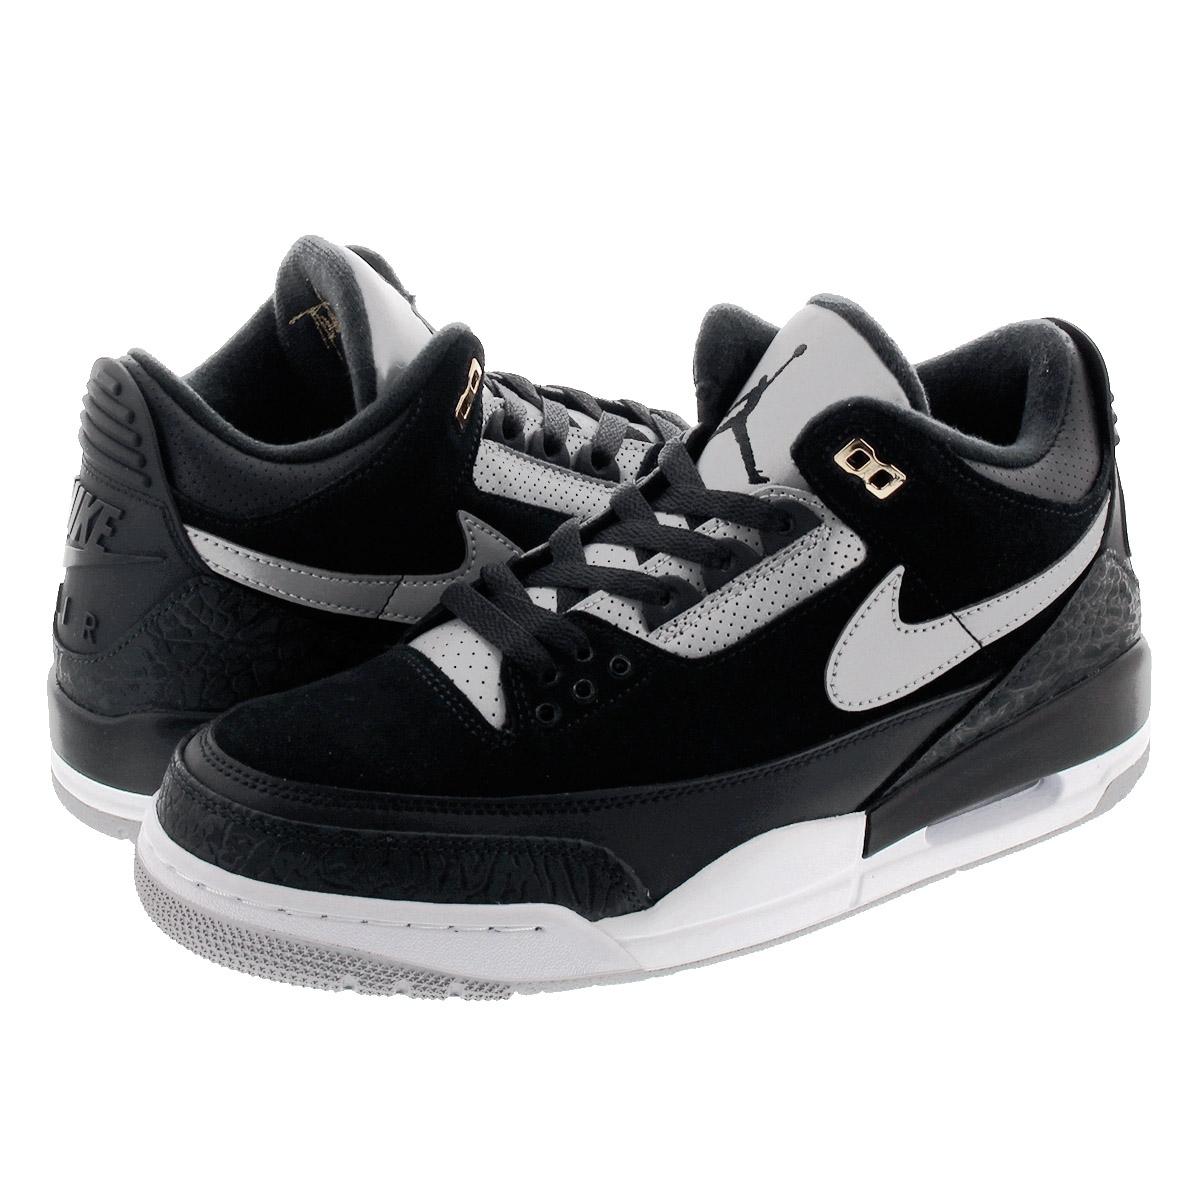 on sale 133ae f1ca6 NIKE AIR JORDAN 3 TINKER Nike Air Jordan 3 ティンカー BLACK/CEMENT GREY  ck4348-007